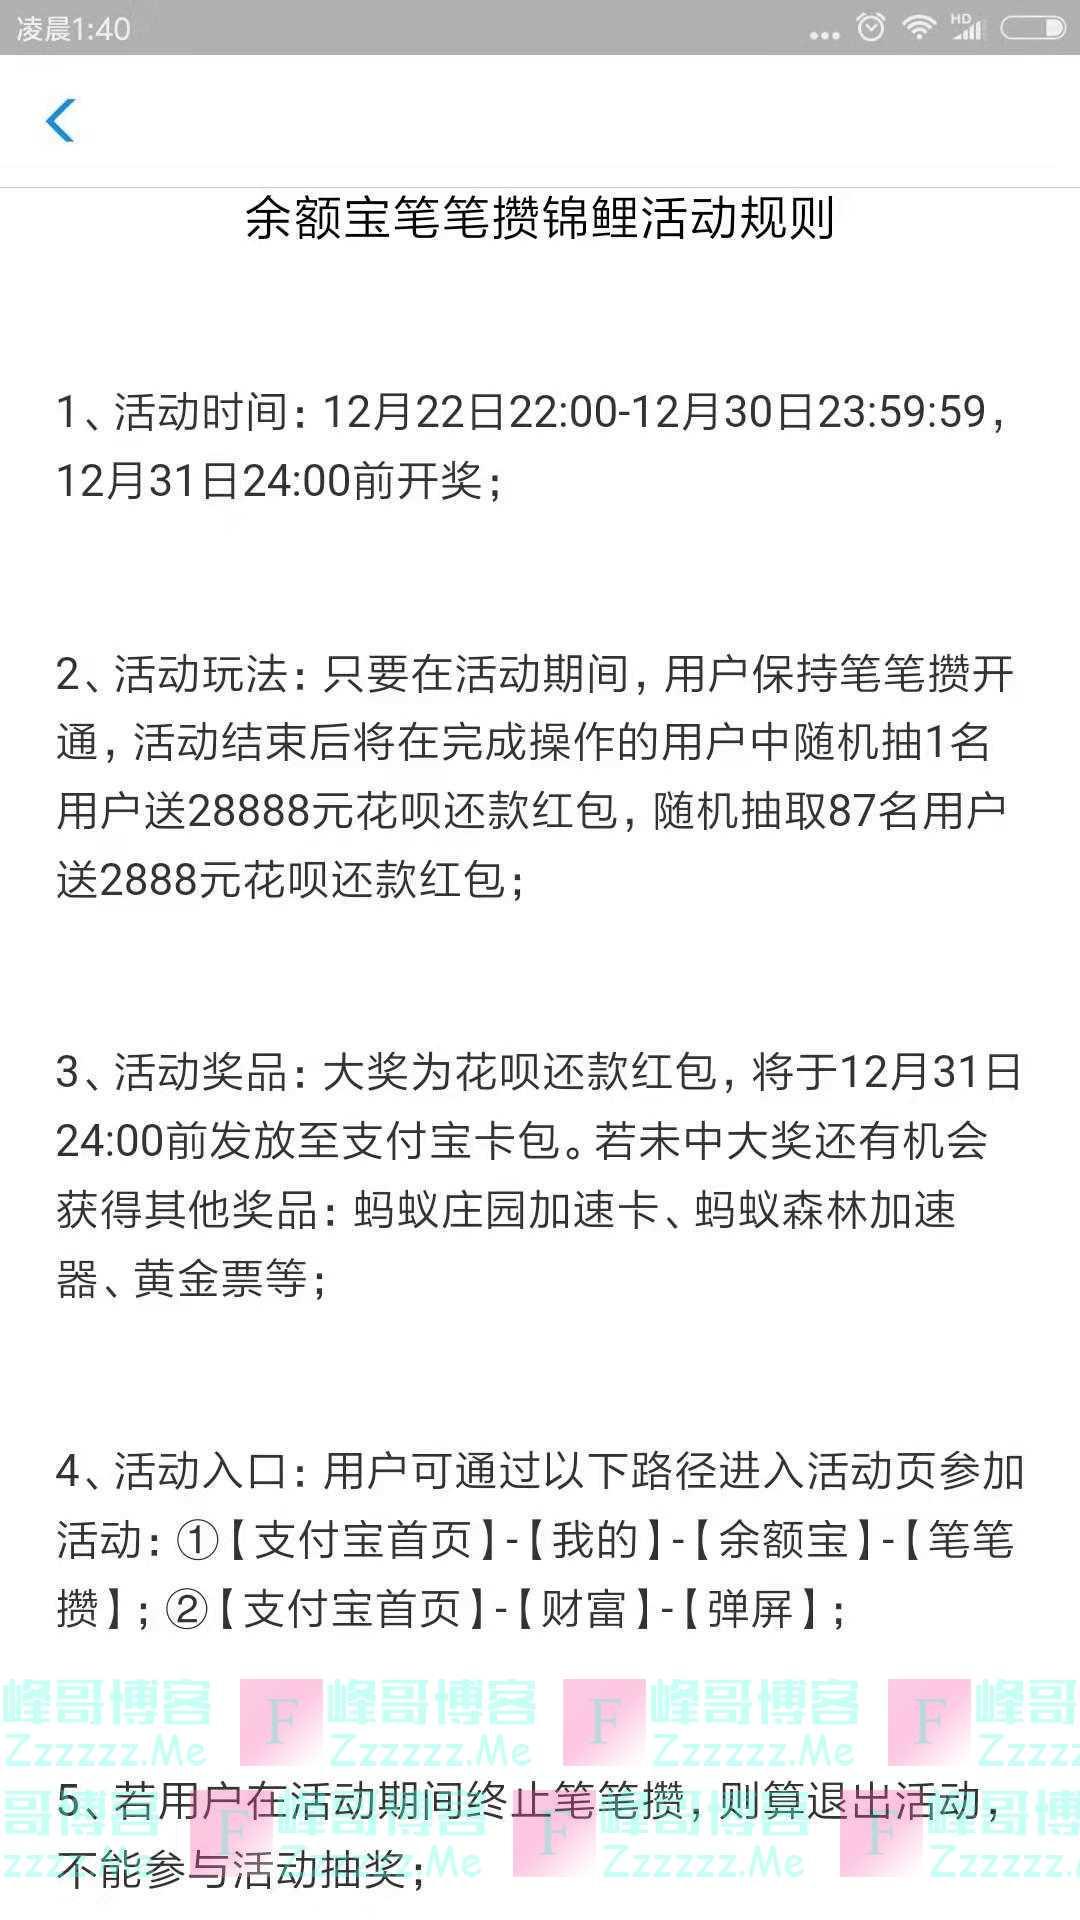 支付宝余额宝笔笔攒锦鲤活动(截止12月31日)